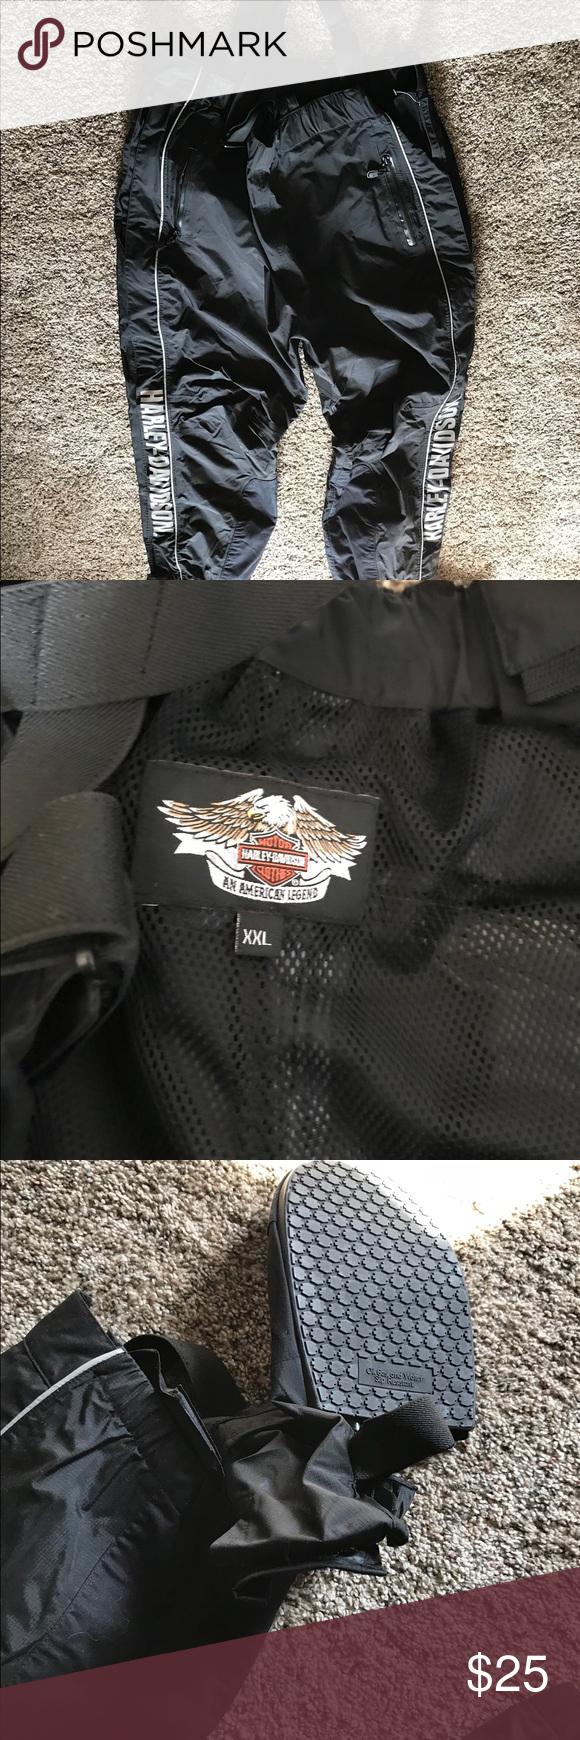 Men S Harley Davidson Rain Gear Bottom Harley Davidson Rain Gear Rain Gear Harley Davidson Jacket